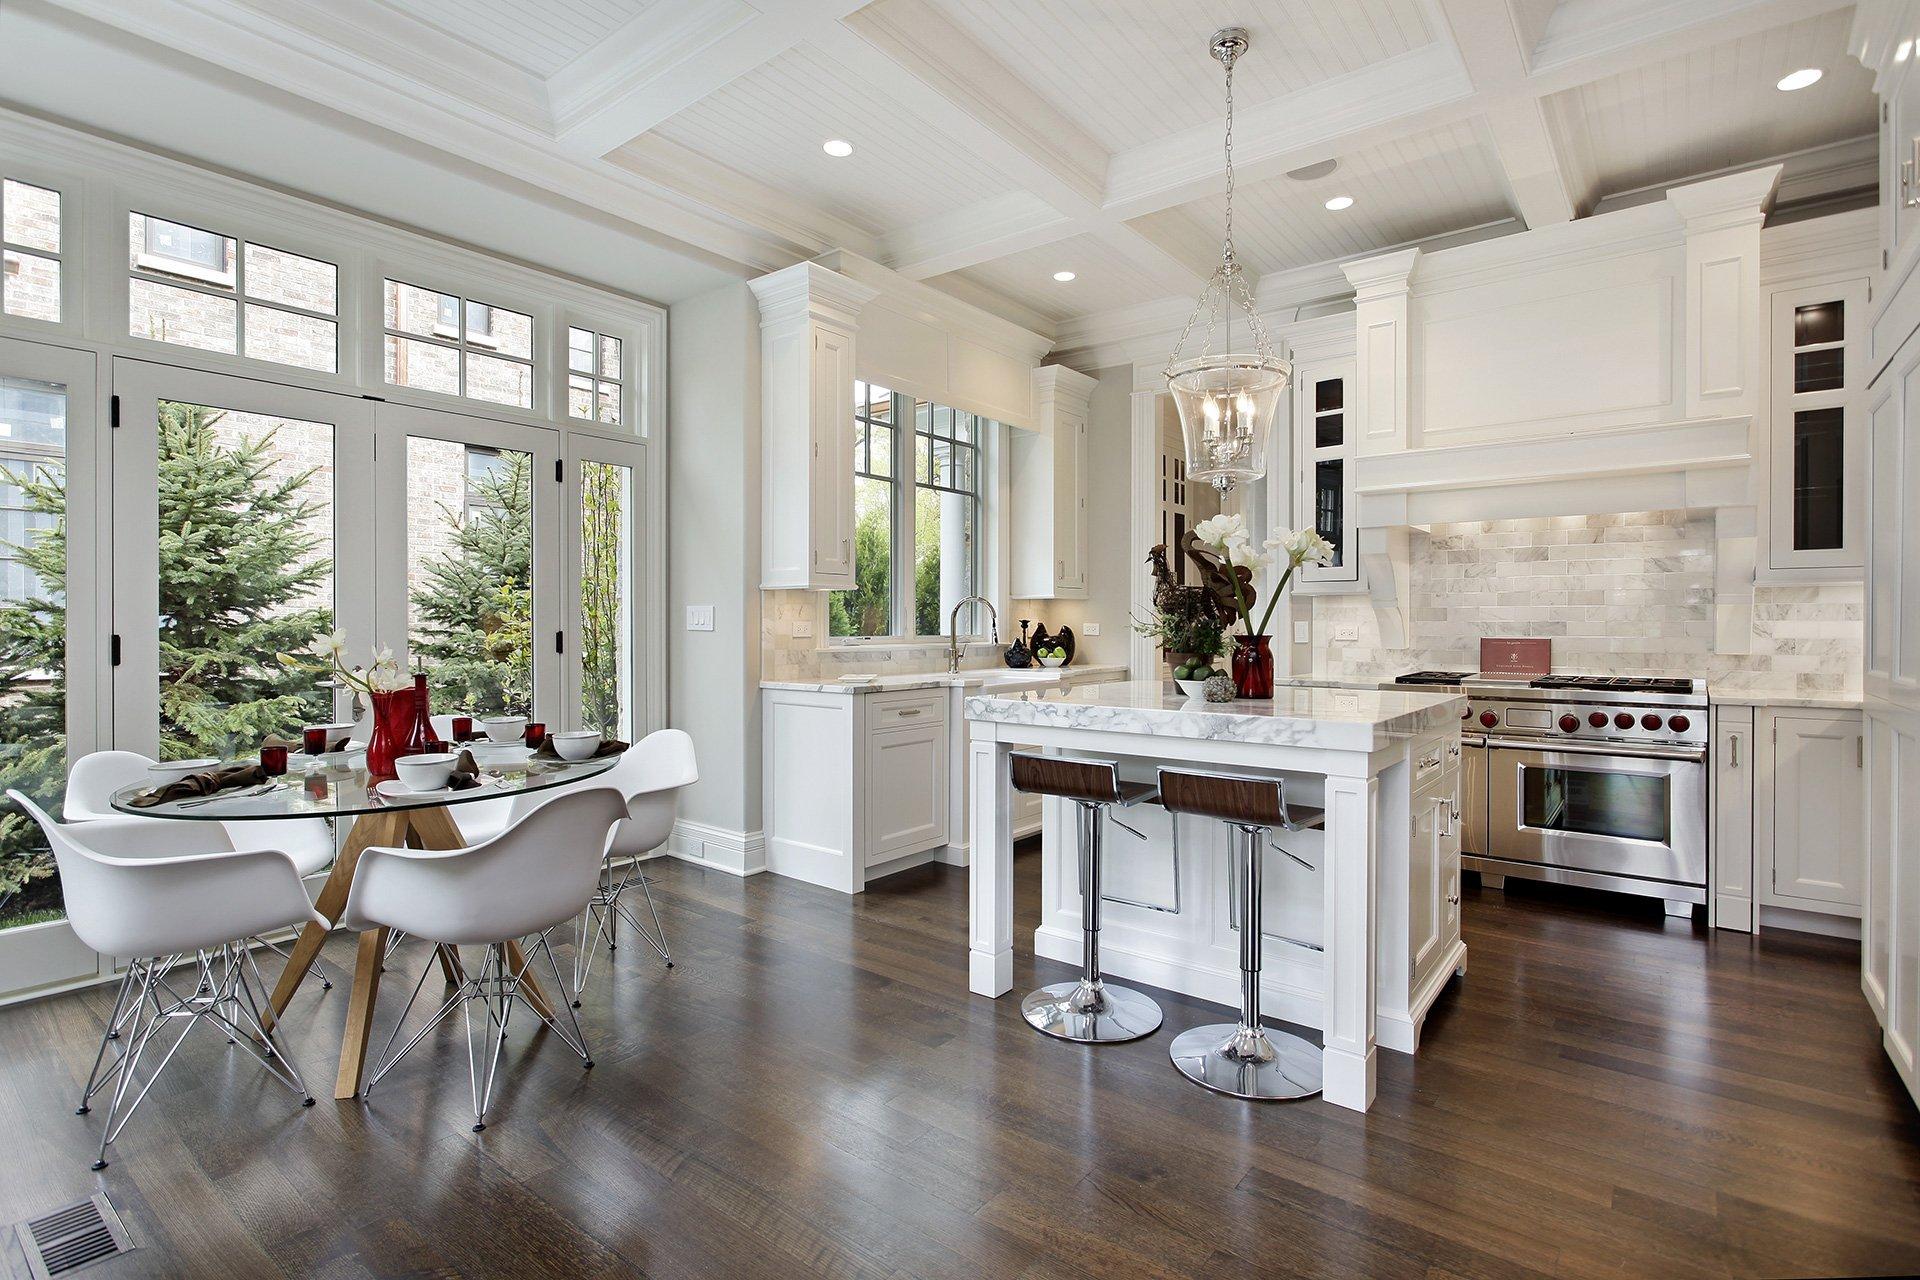 cucina con mobili in legno laccato bianco